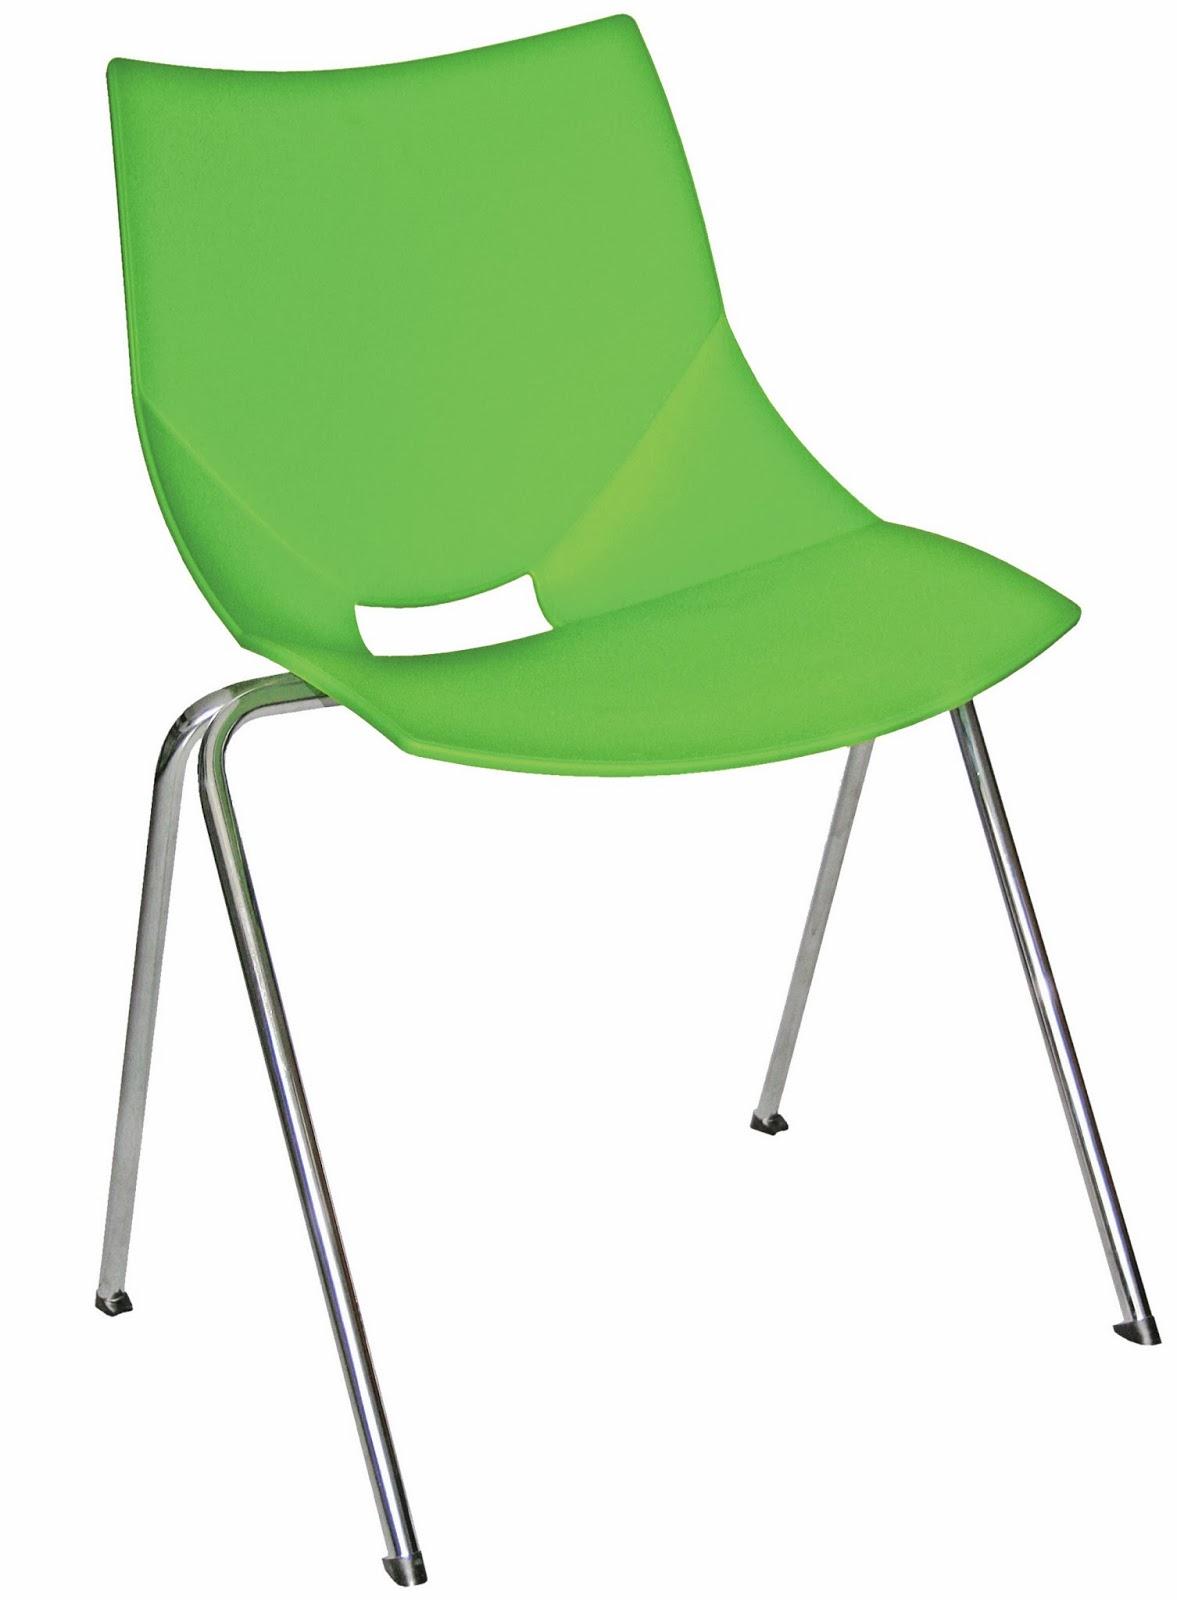 Venta de sillas para stands y exposiciones en Mxico DF